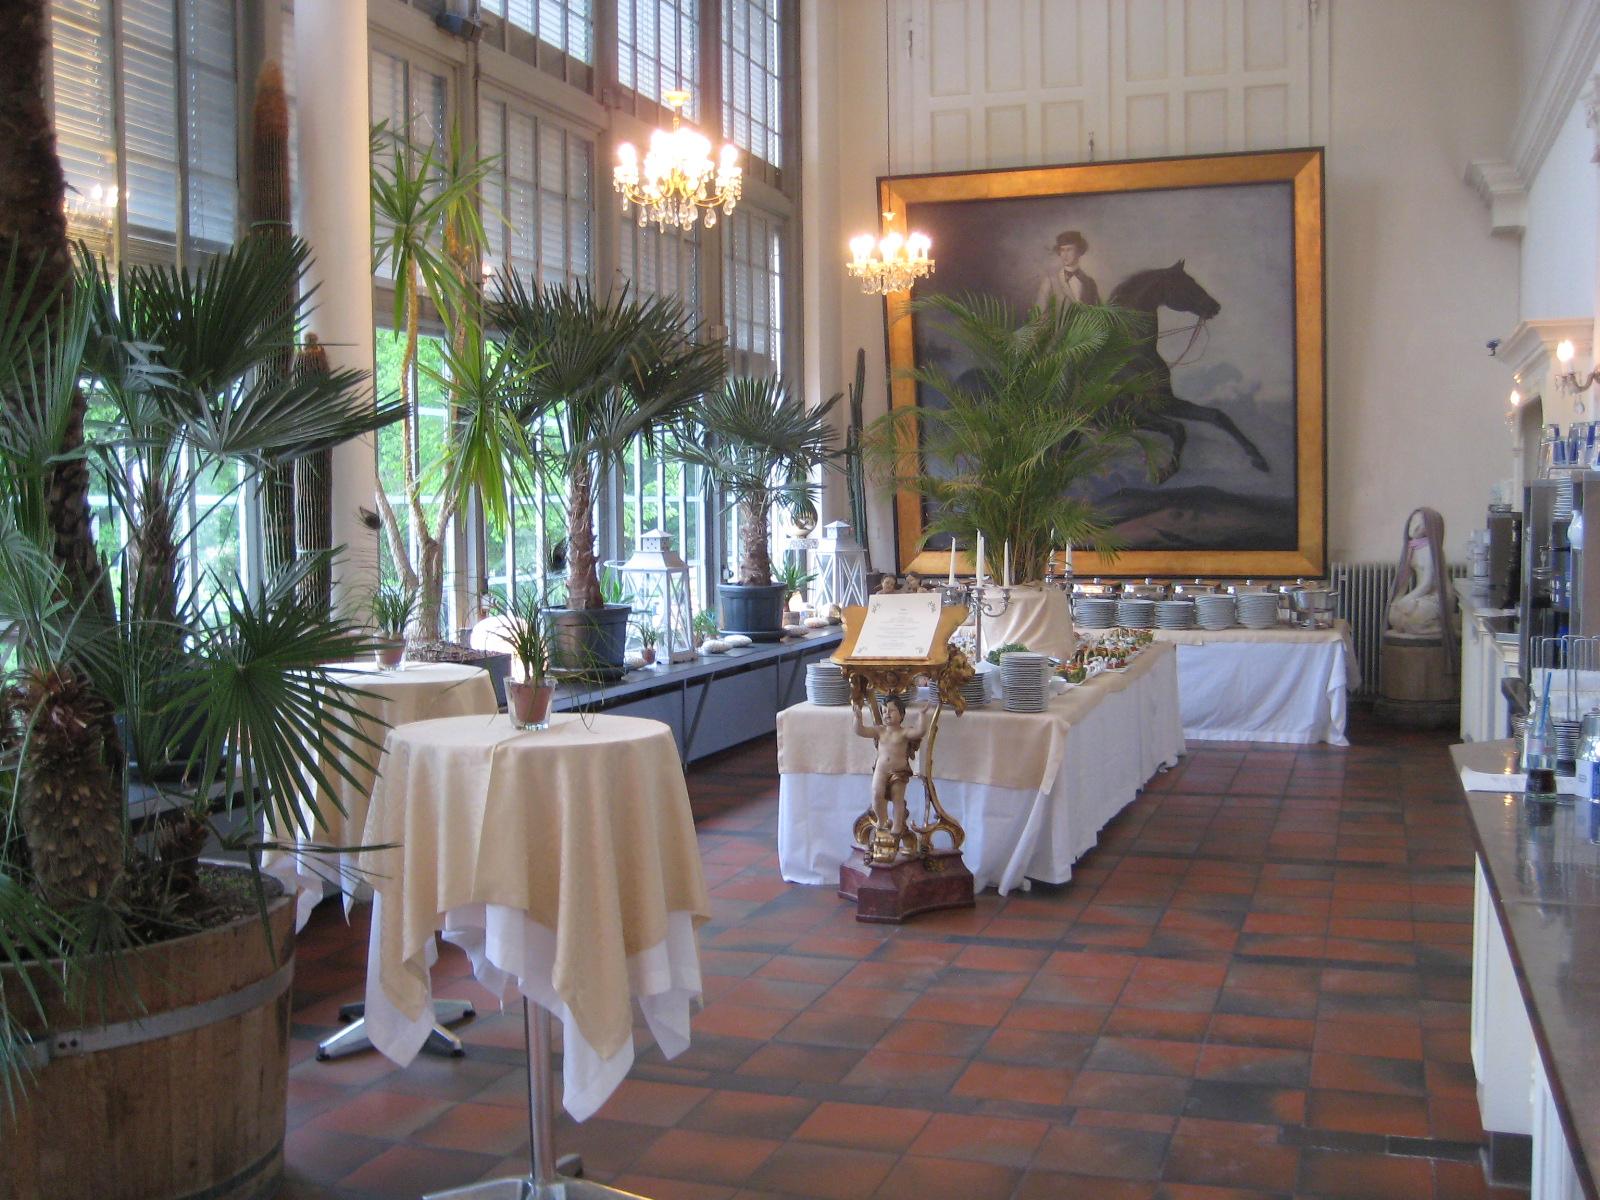 Schlosscafé im Palmenhaus, Café